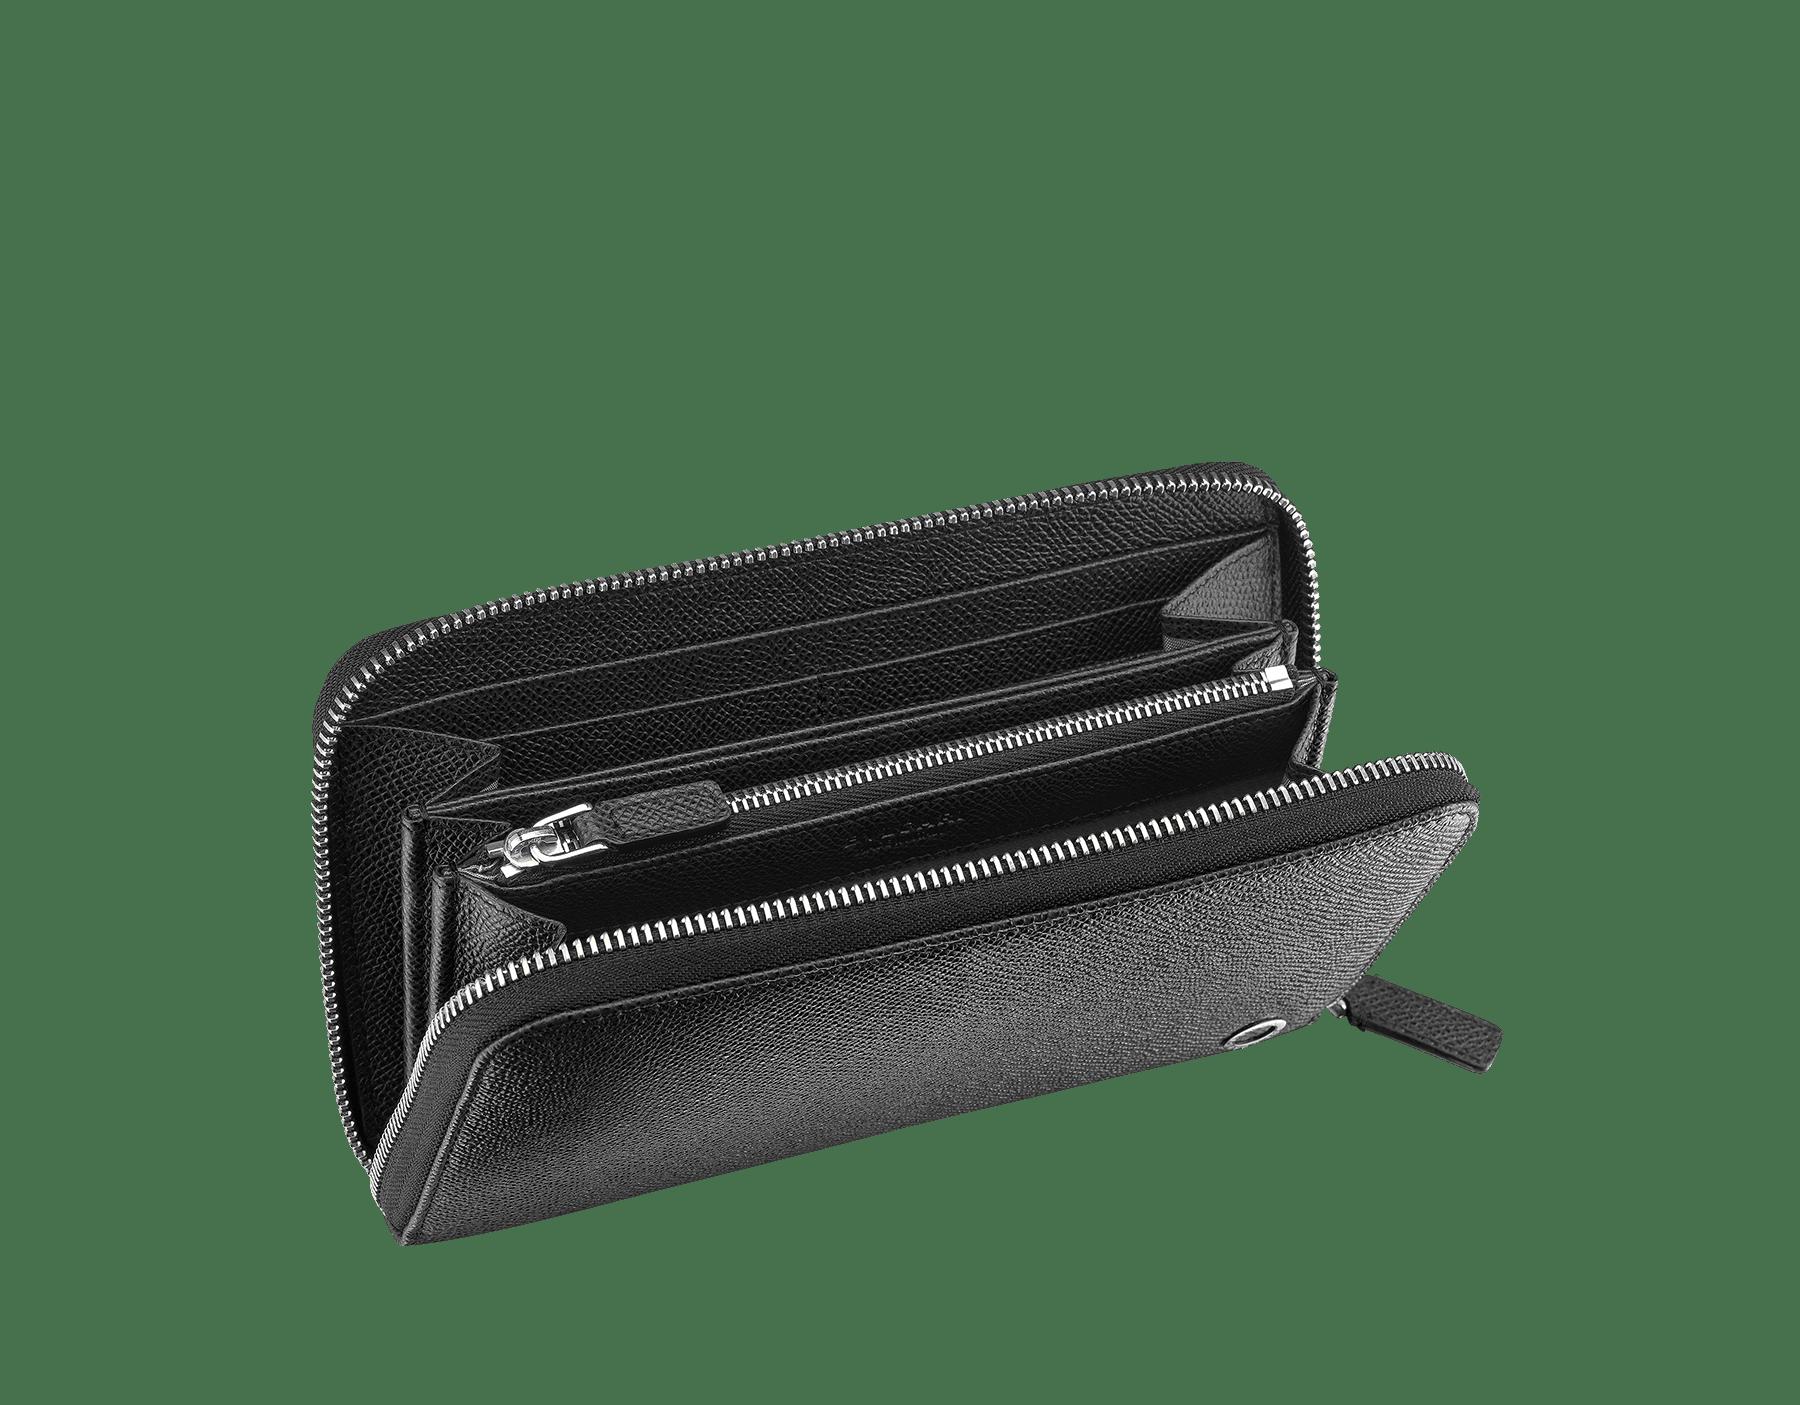 黑色珠面小牛皮拉鍊皮夾,皇家 Nappa 軟面皮襯裡。鍍鈀黃銅配飾,飾以經典 Bulgari-Bulgari 元素。 284230 image 2